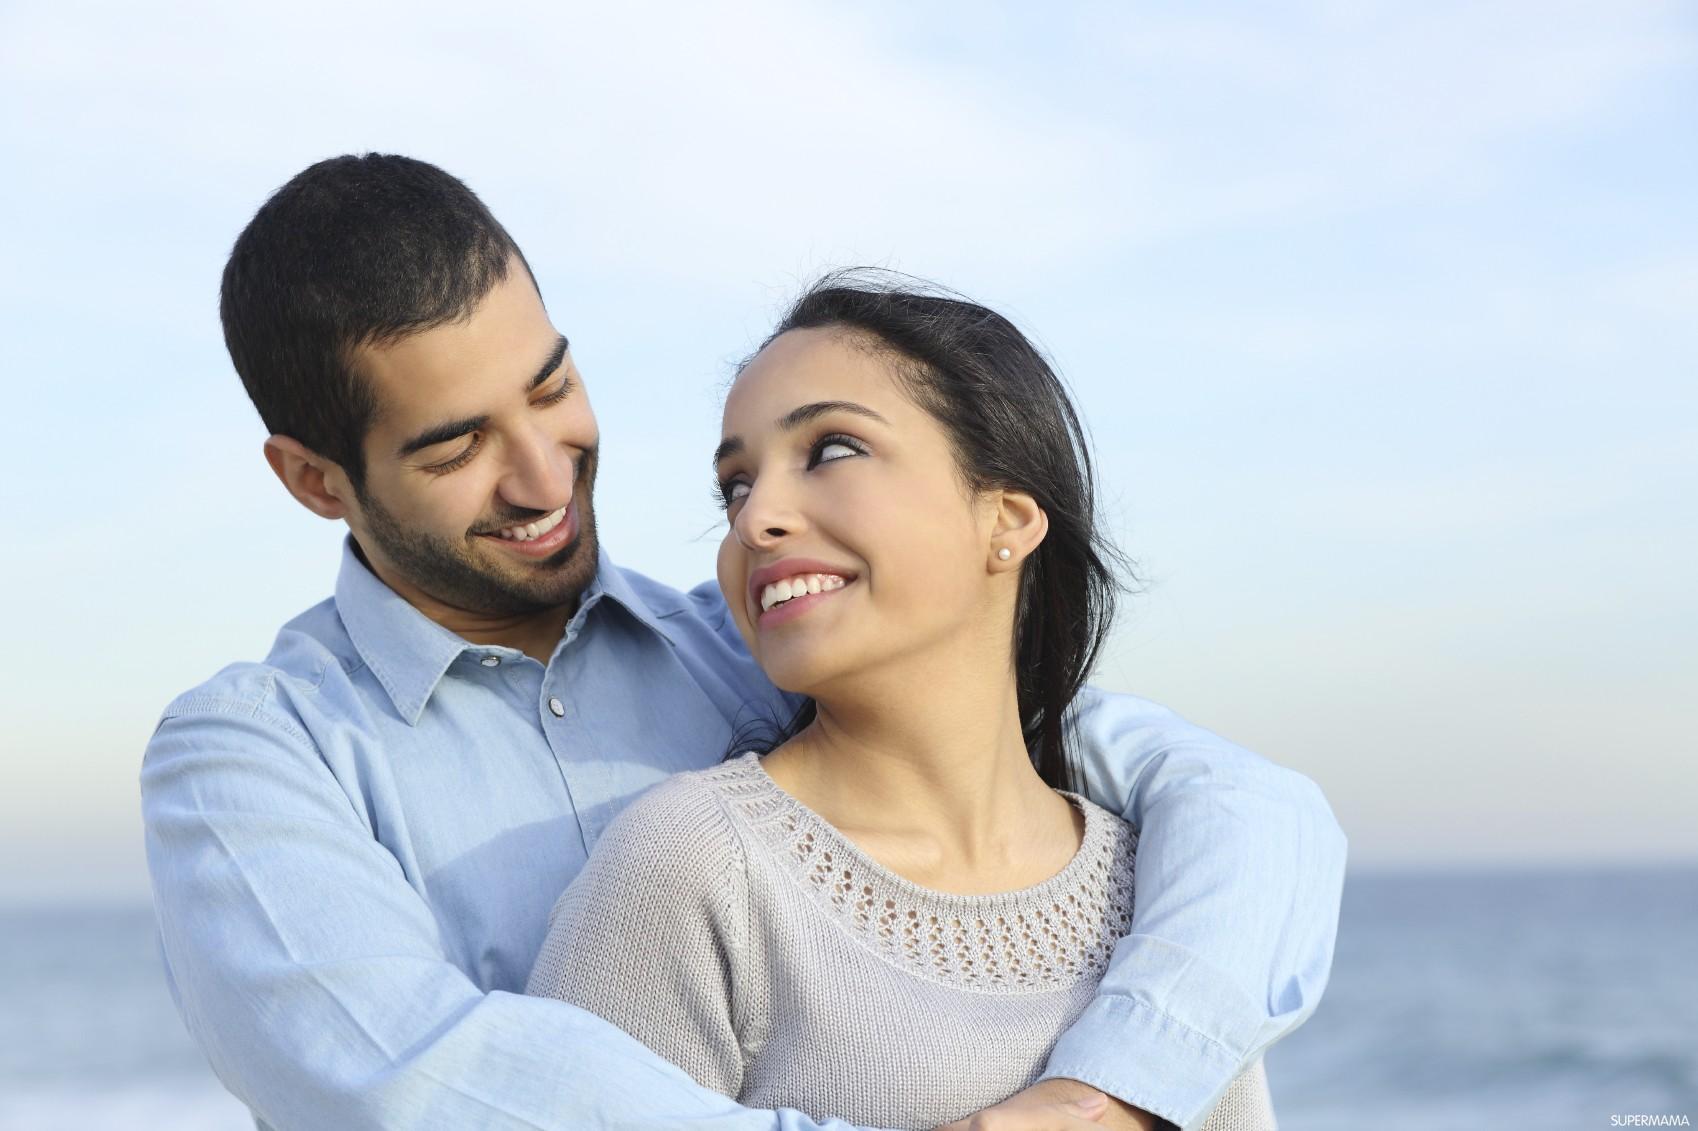 1c38989e85f52 أنا وزوجي في بلاد الغربة  كيف يجب أن تكون العلاقة؟